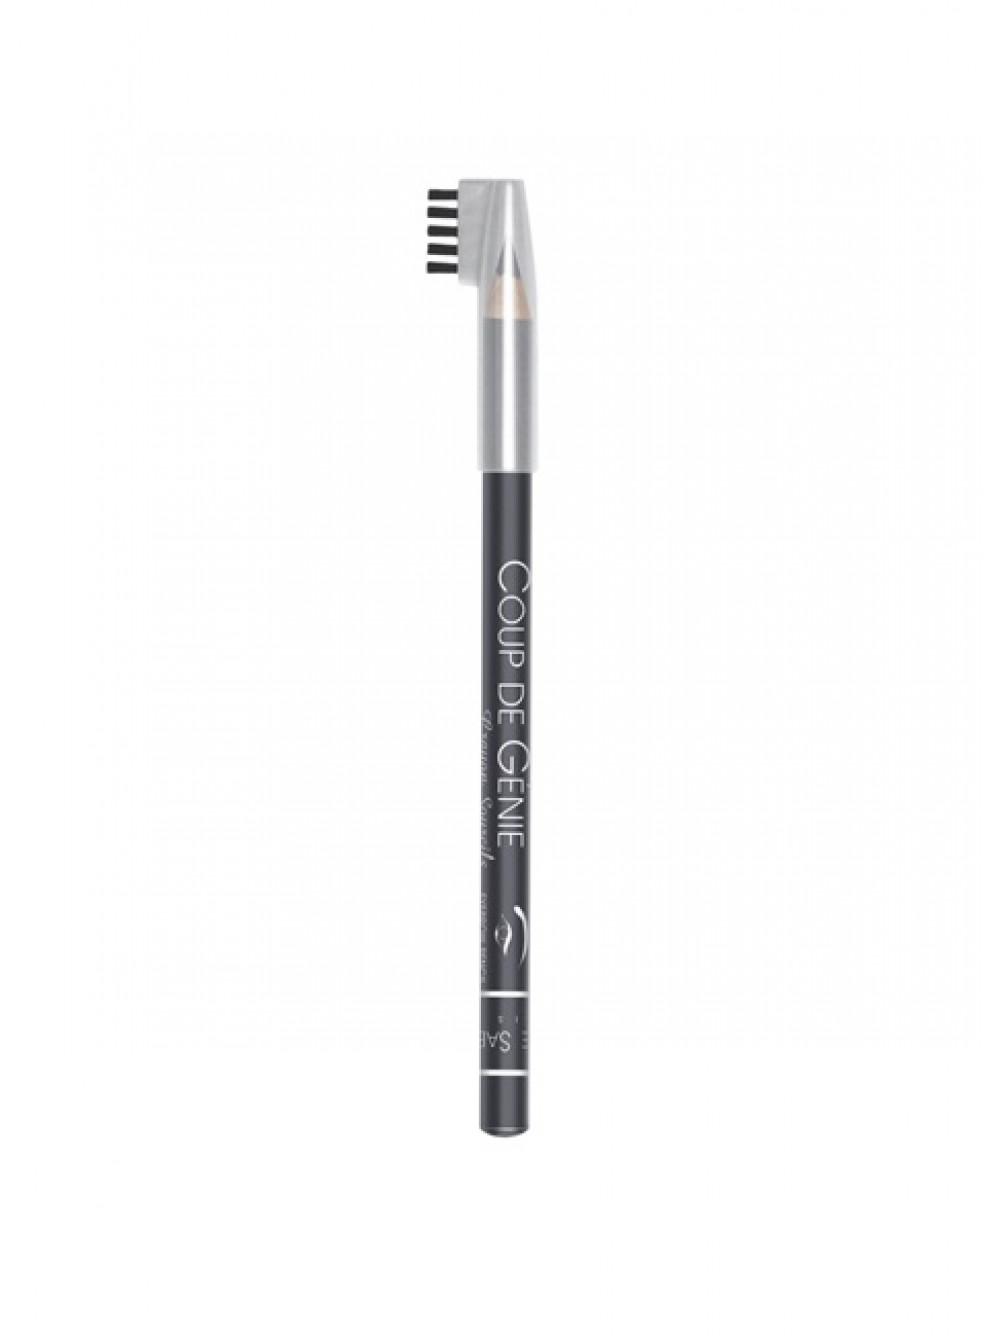 Vivienne Sabo Eyebrow Pencil